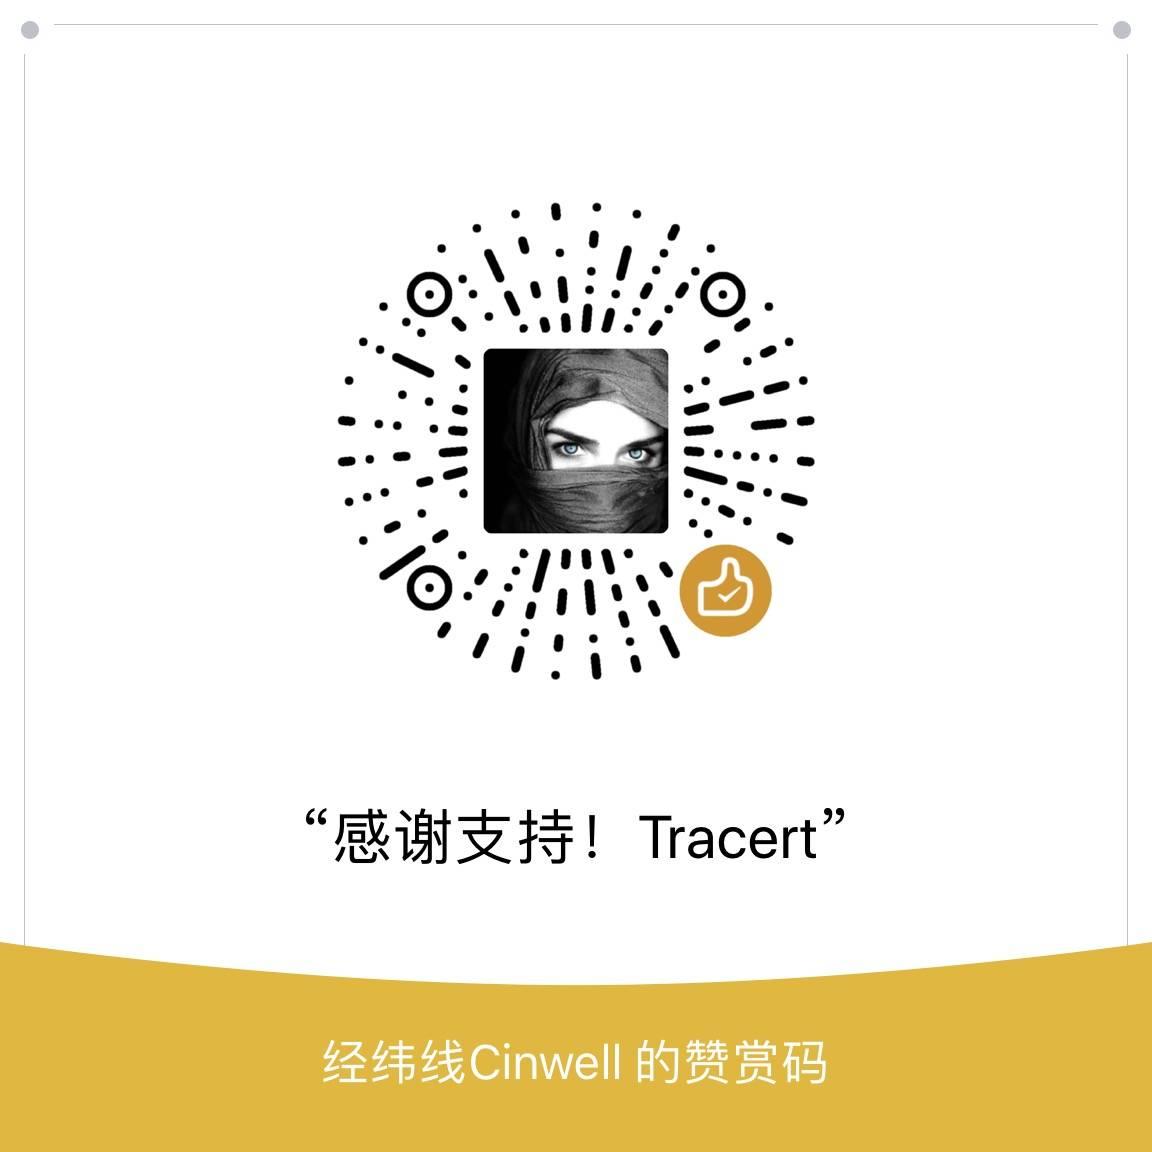 《赞助Tracert》